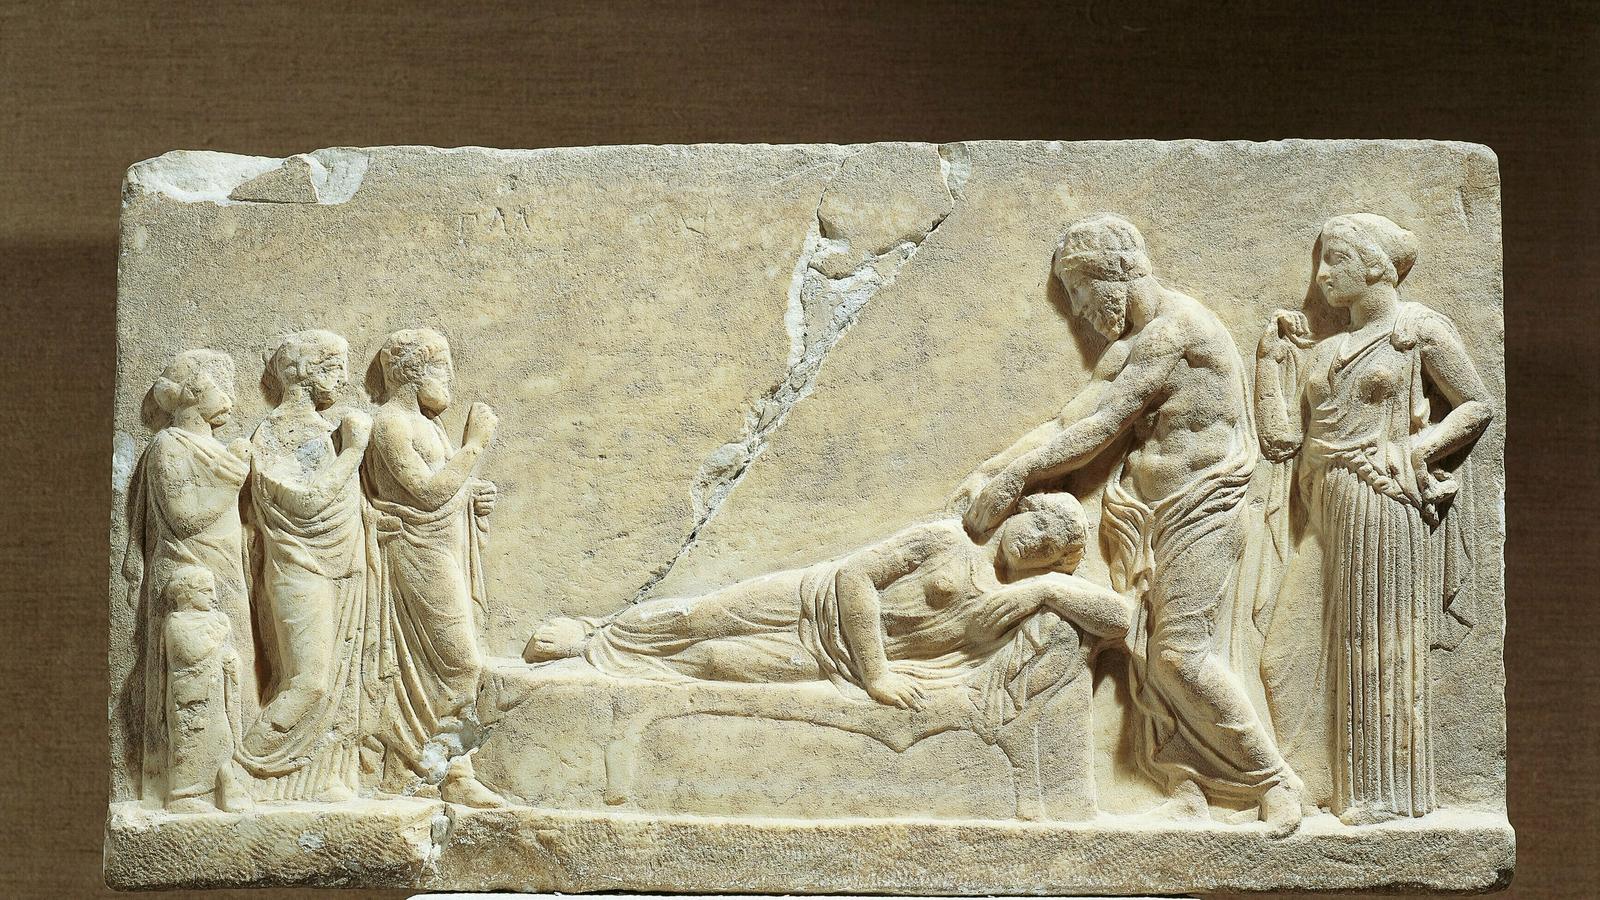 Image - Hippocrates treating an ill woman in ancient Greece. Photo: DEA/G. DAGLI ORTI/De Agostini/Getty